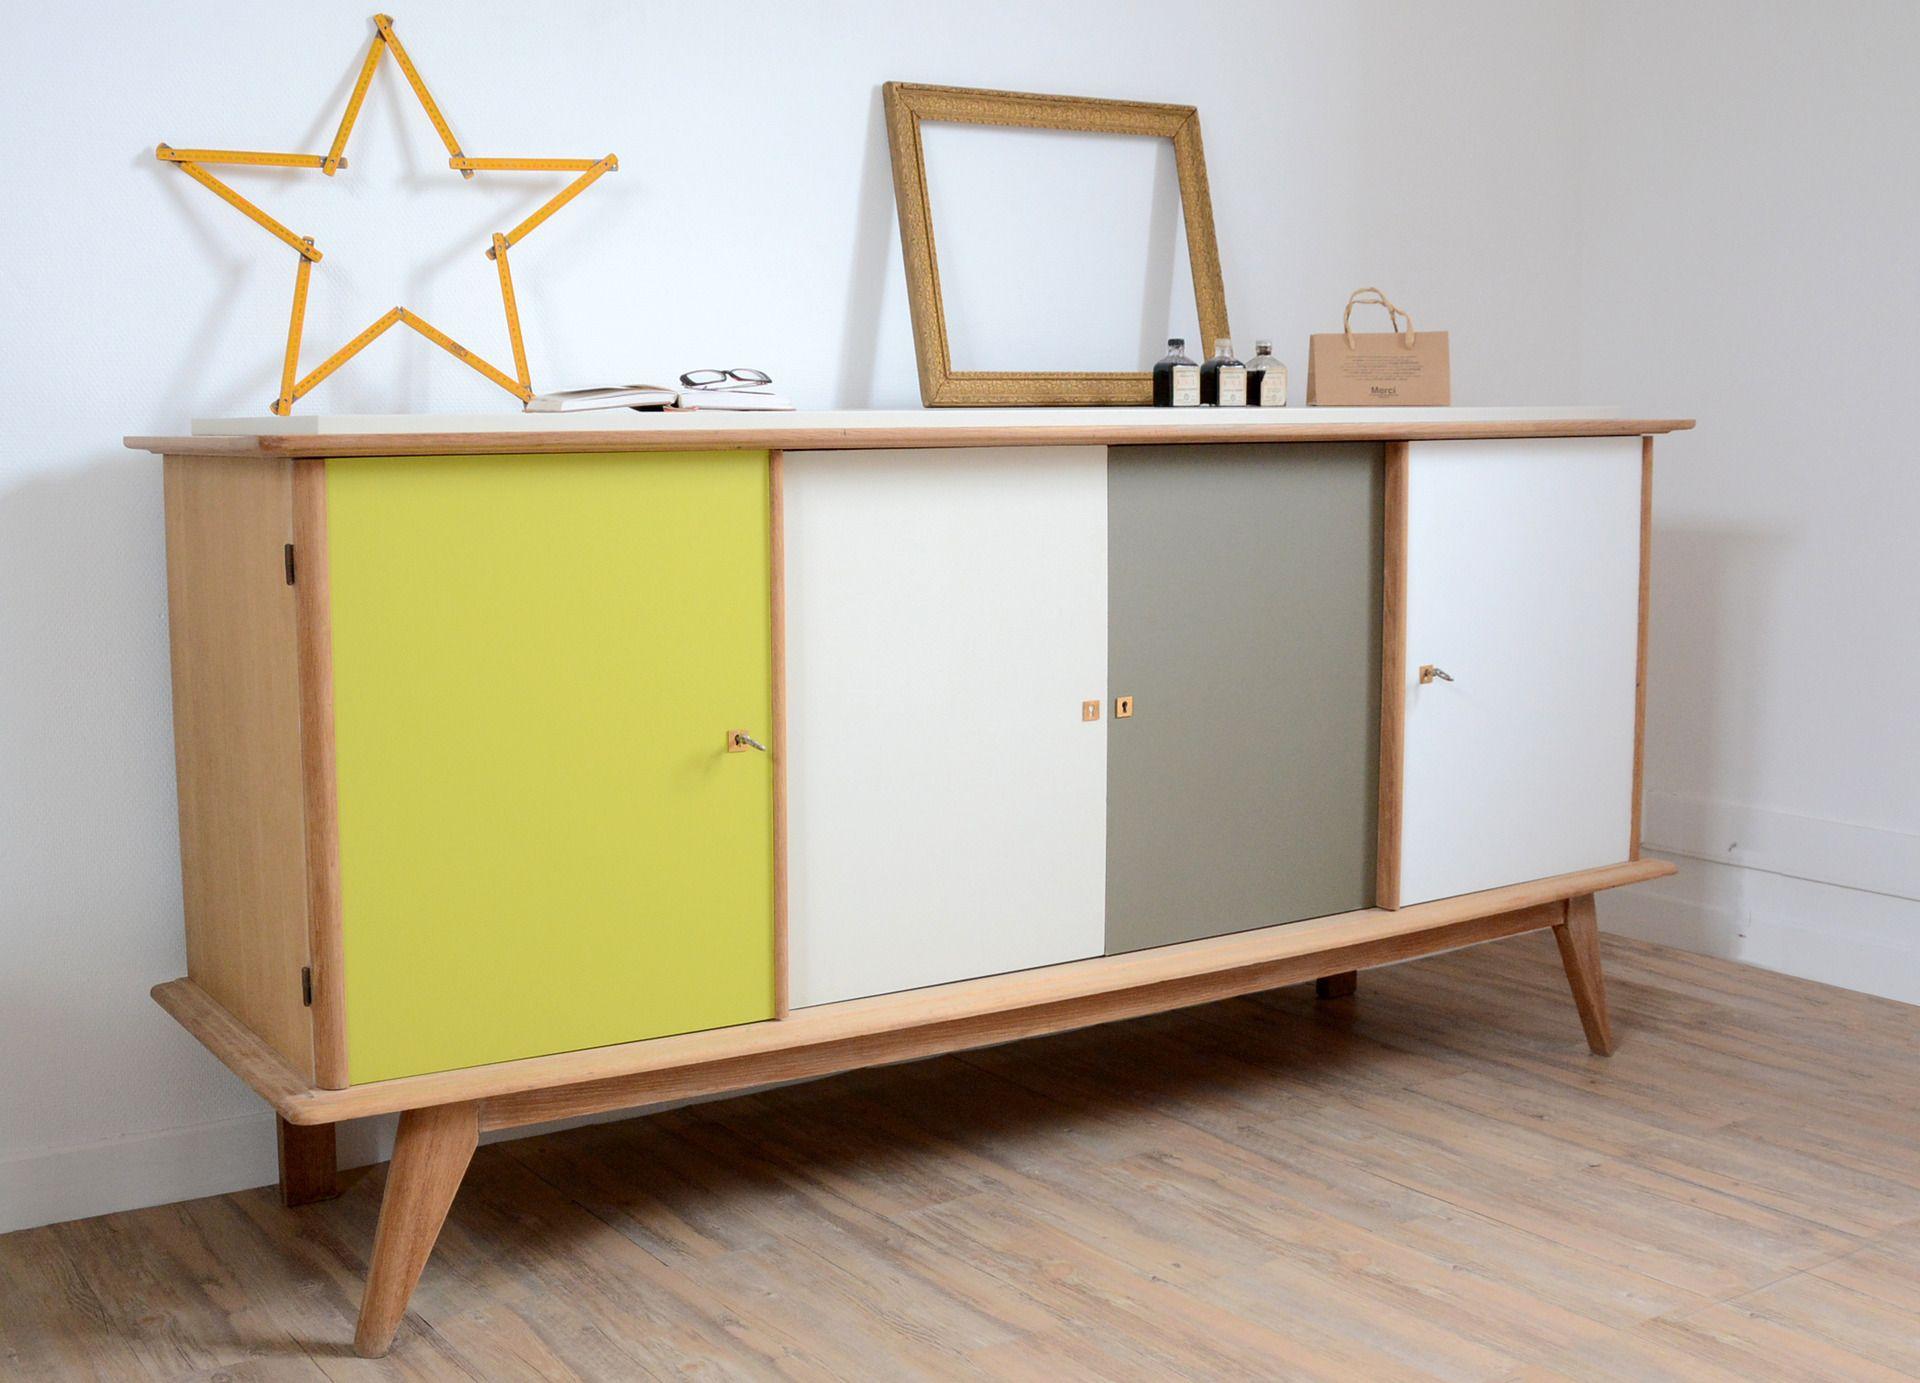 Petite table en bois réinventée un tiroir décor citron peint